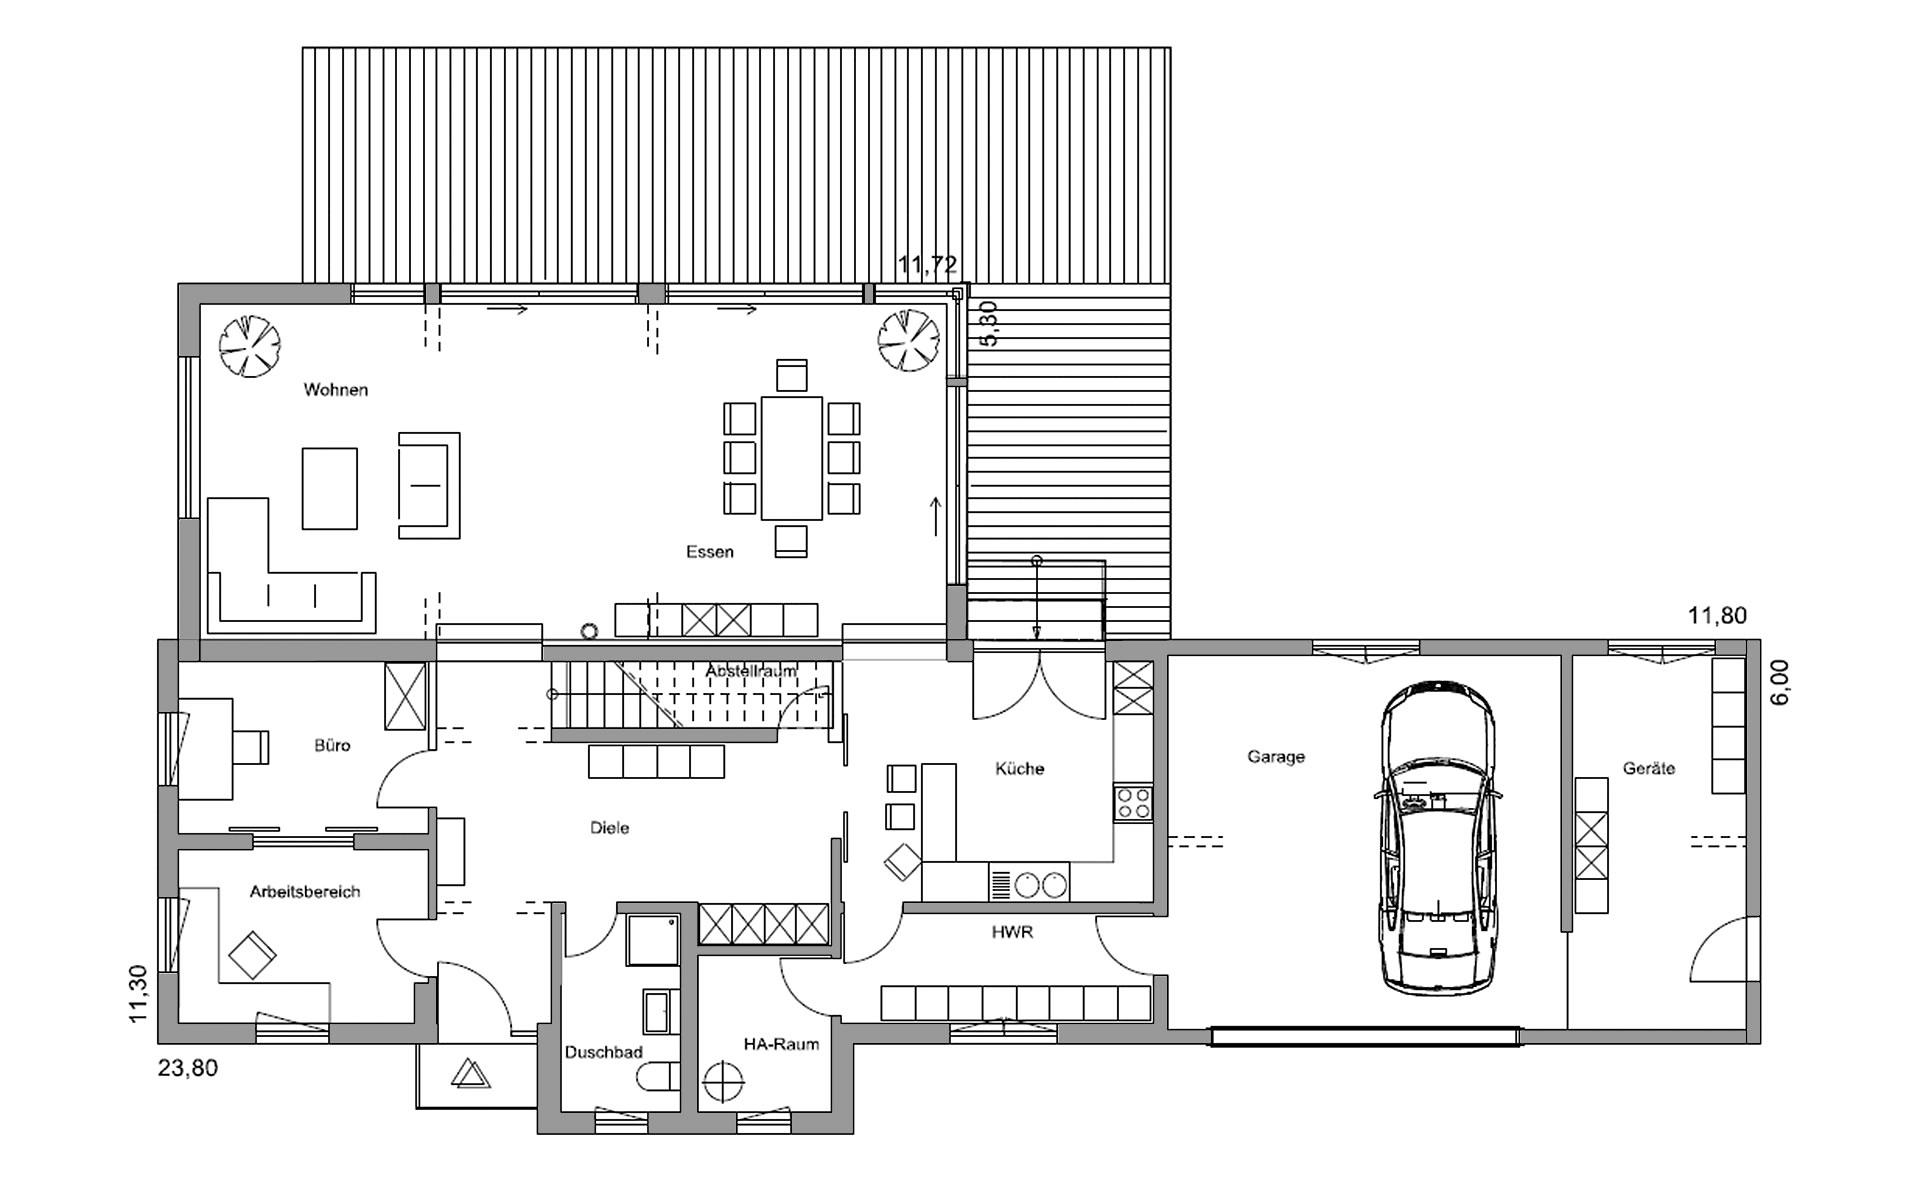 Erdgeschoss Plettenberg von Regnauer Hausbau GmbH & Co. KG